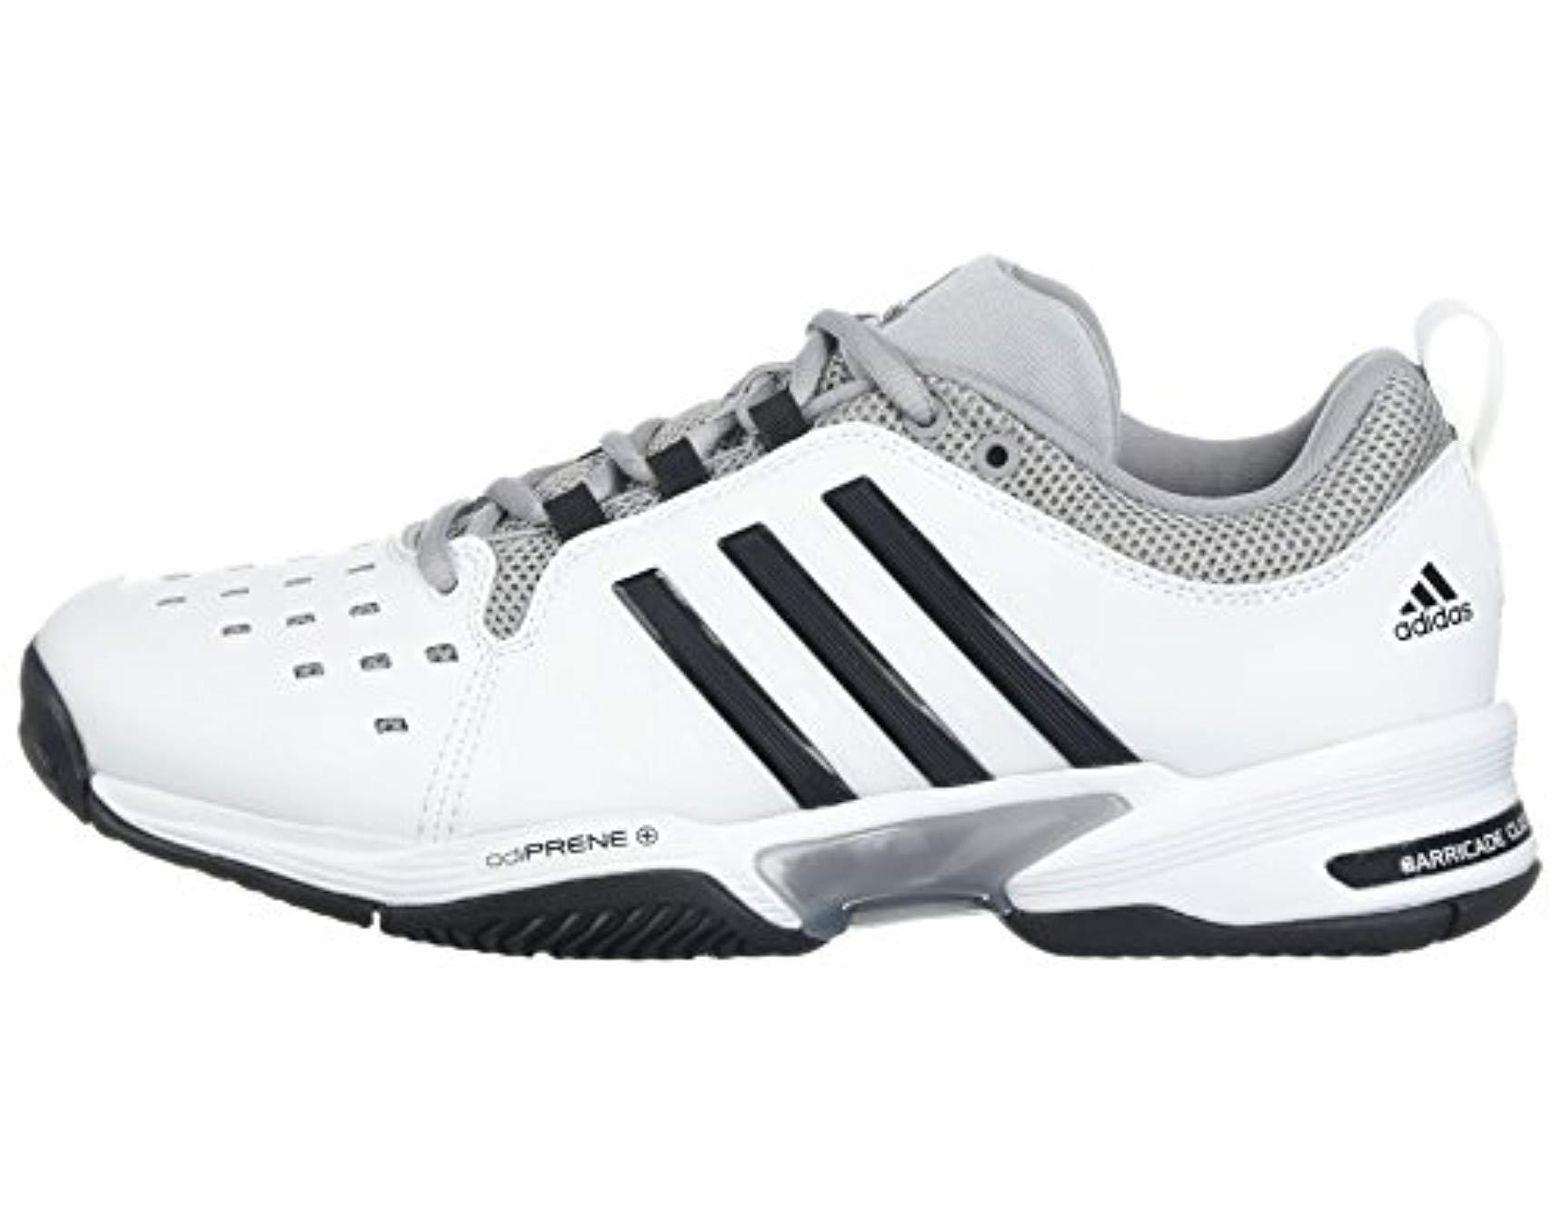 b3455e029 Lyst - adidas Barricade Classic Wide 4e Tennis Shoe for Men - Save 12%